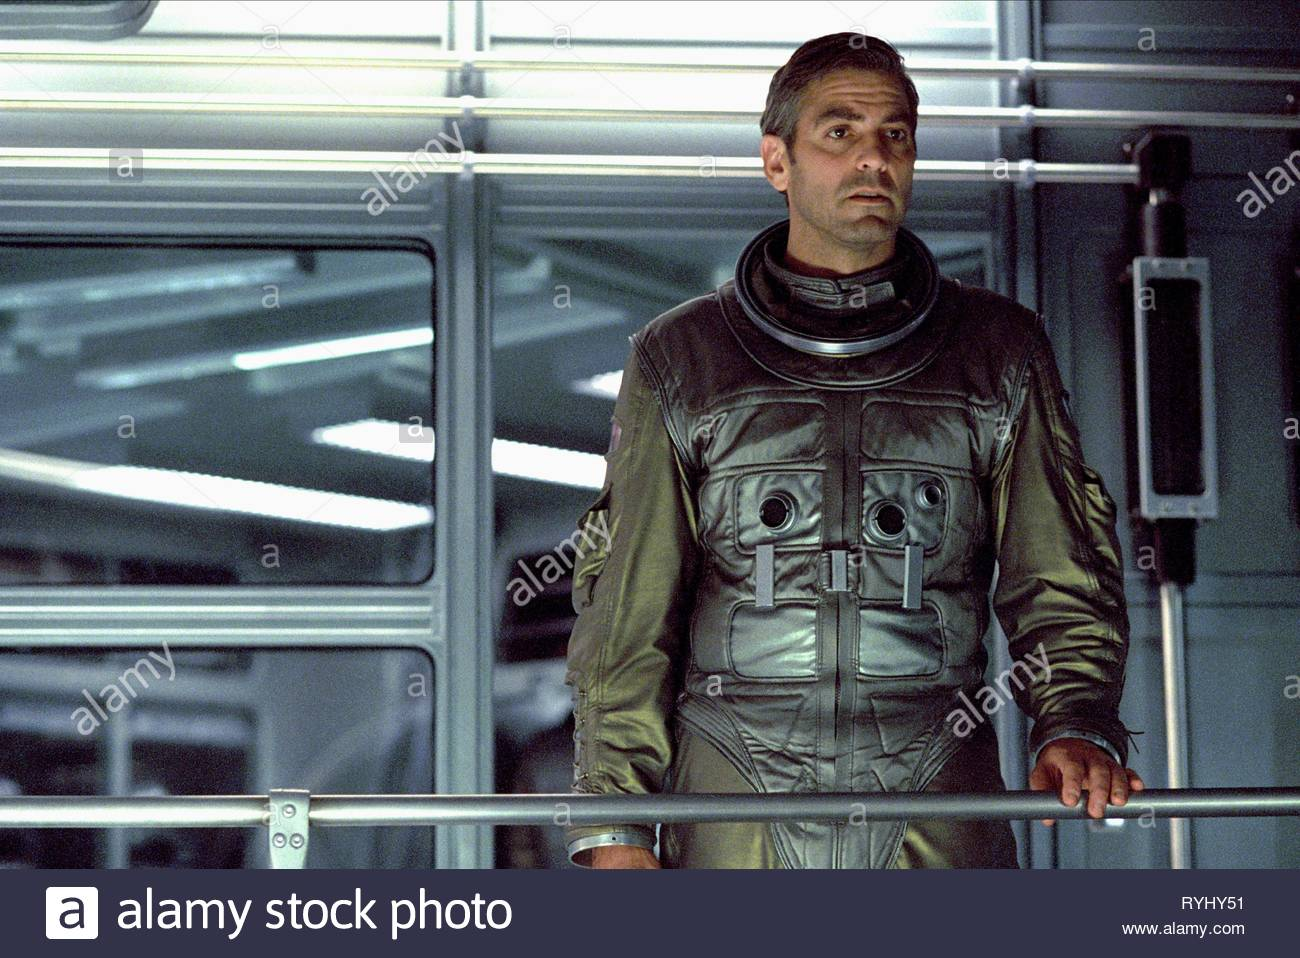 SOLARIS GEORGE CLOONEY 2002 Stock Photo 240724989   Alamy 1300x958